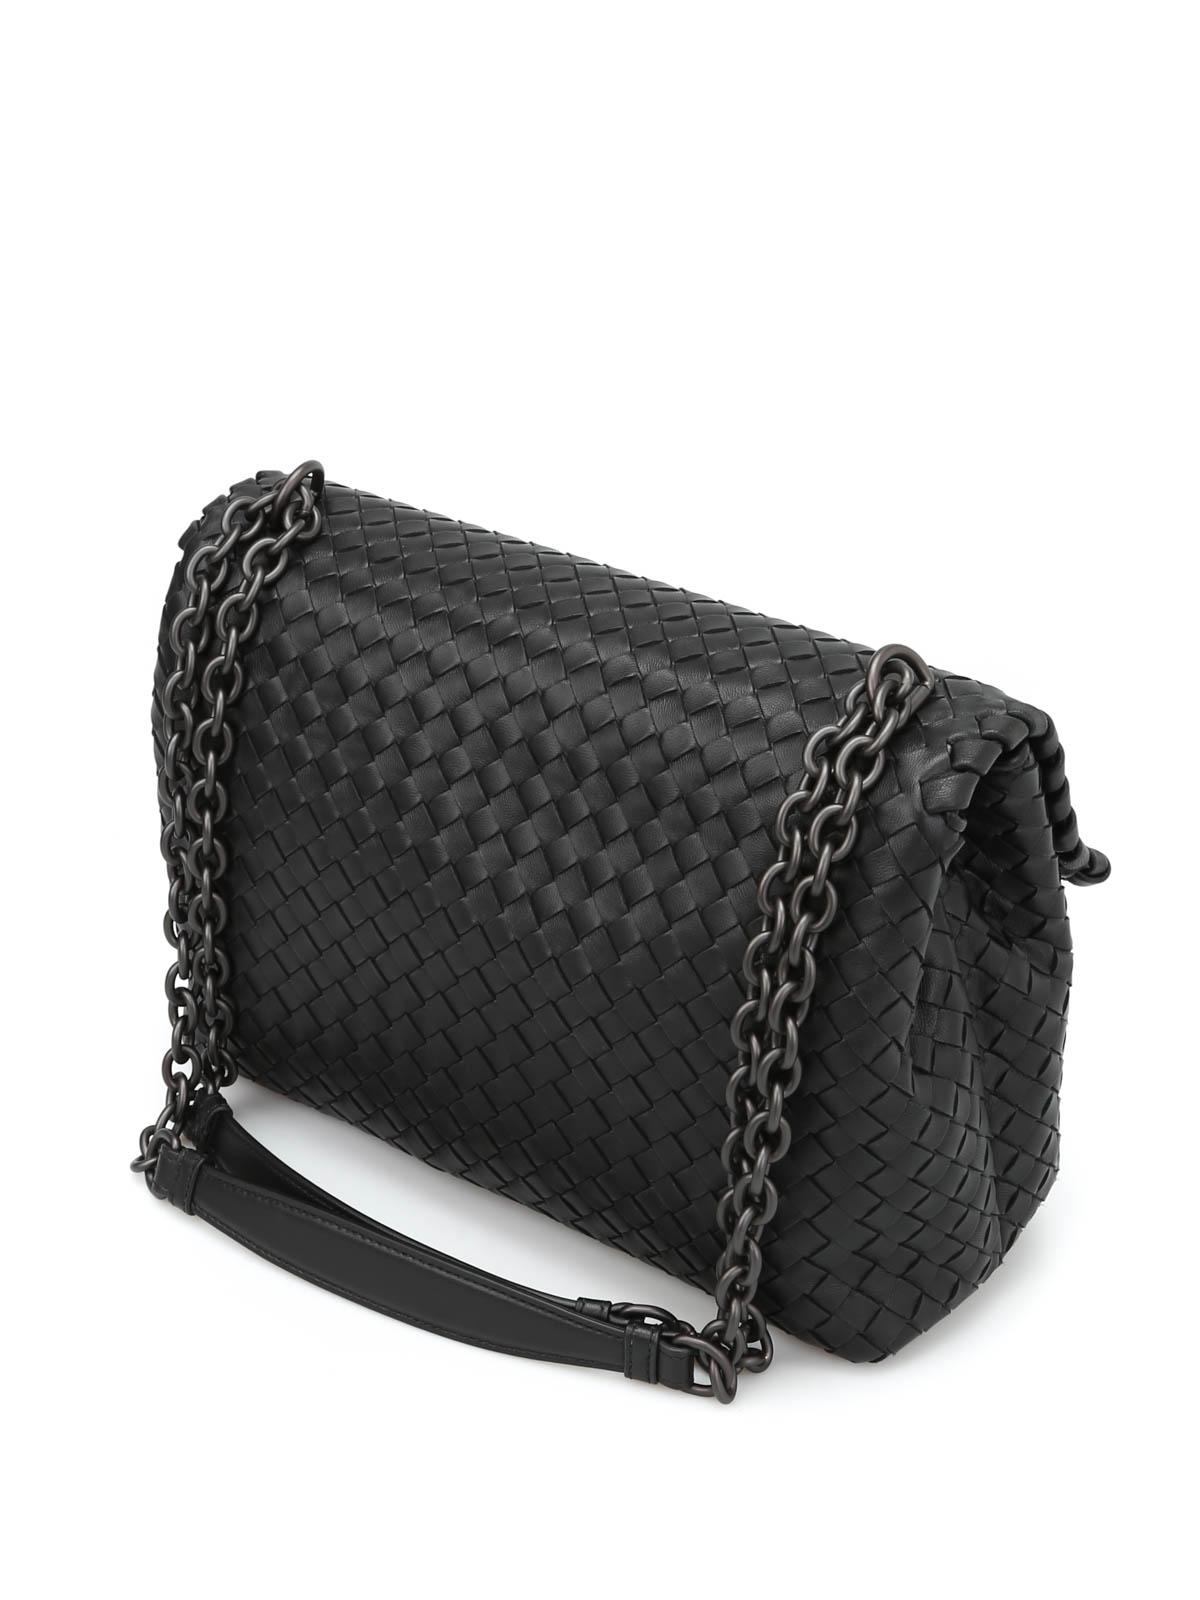 7356fee5537d iKRIX BOTTEGA VENETA  shoulder bags - Medium Olympia cross body bag